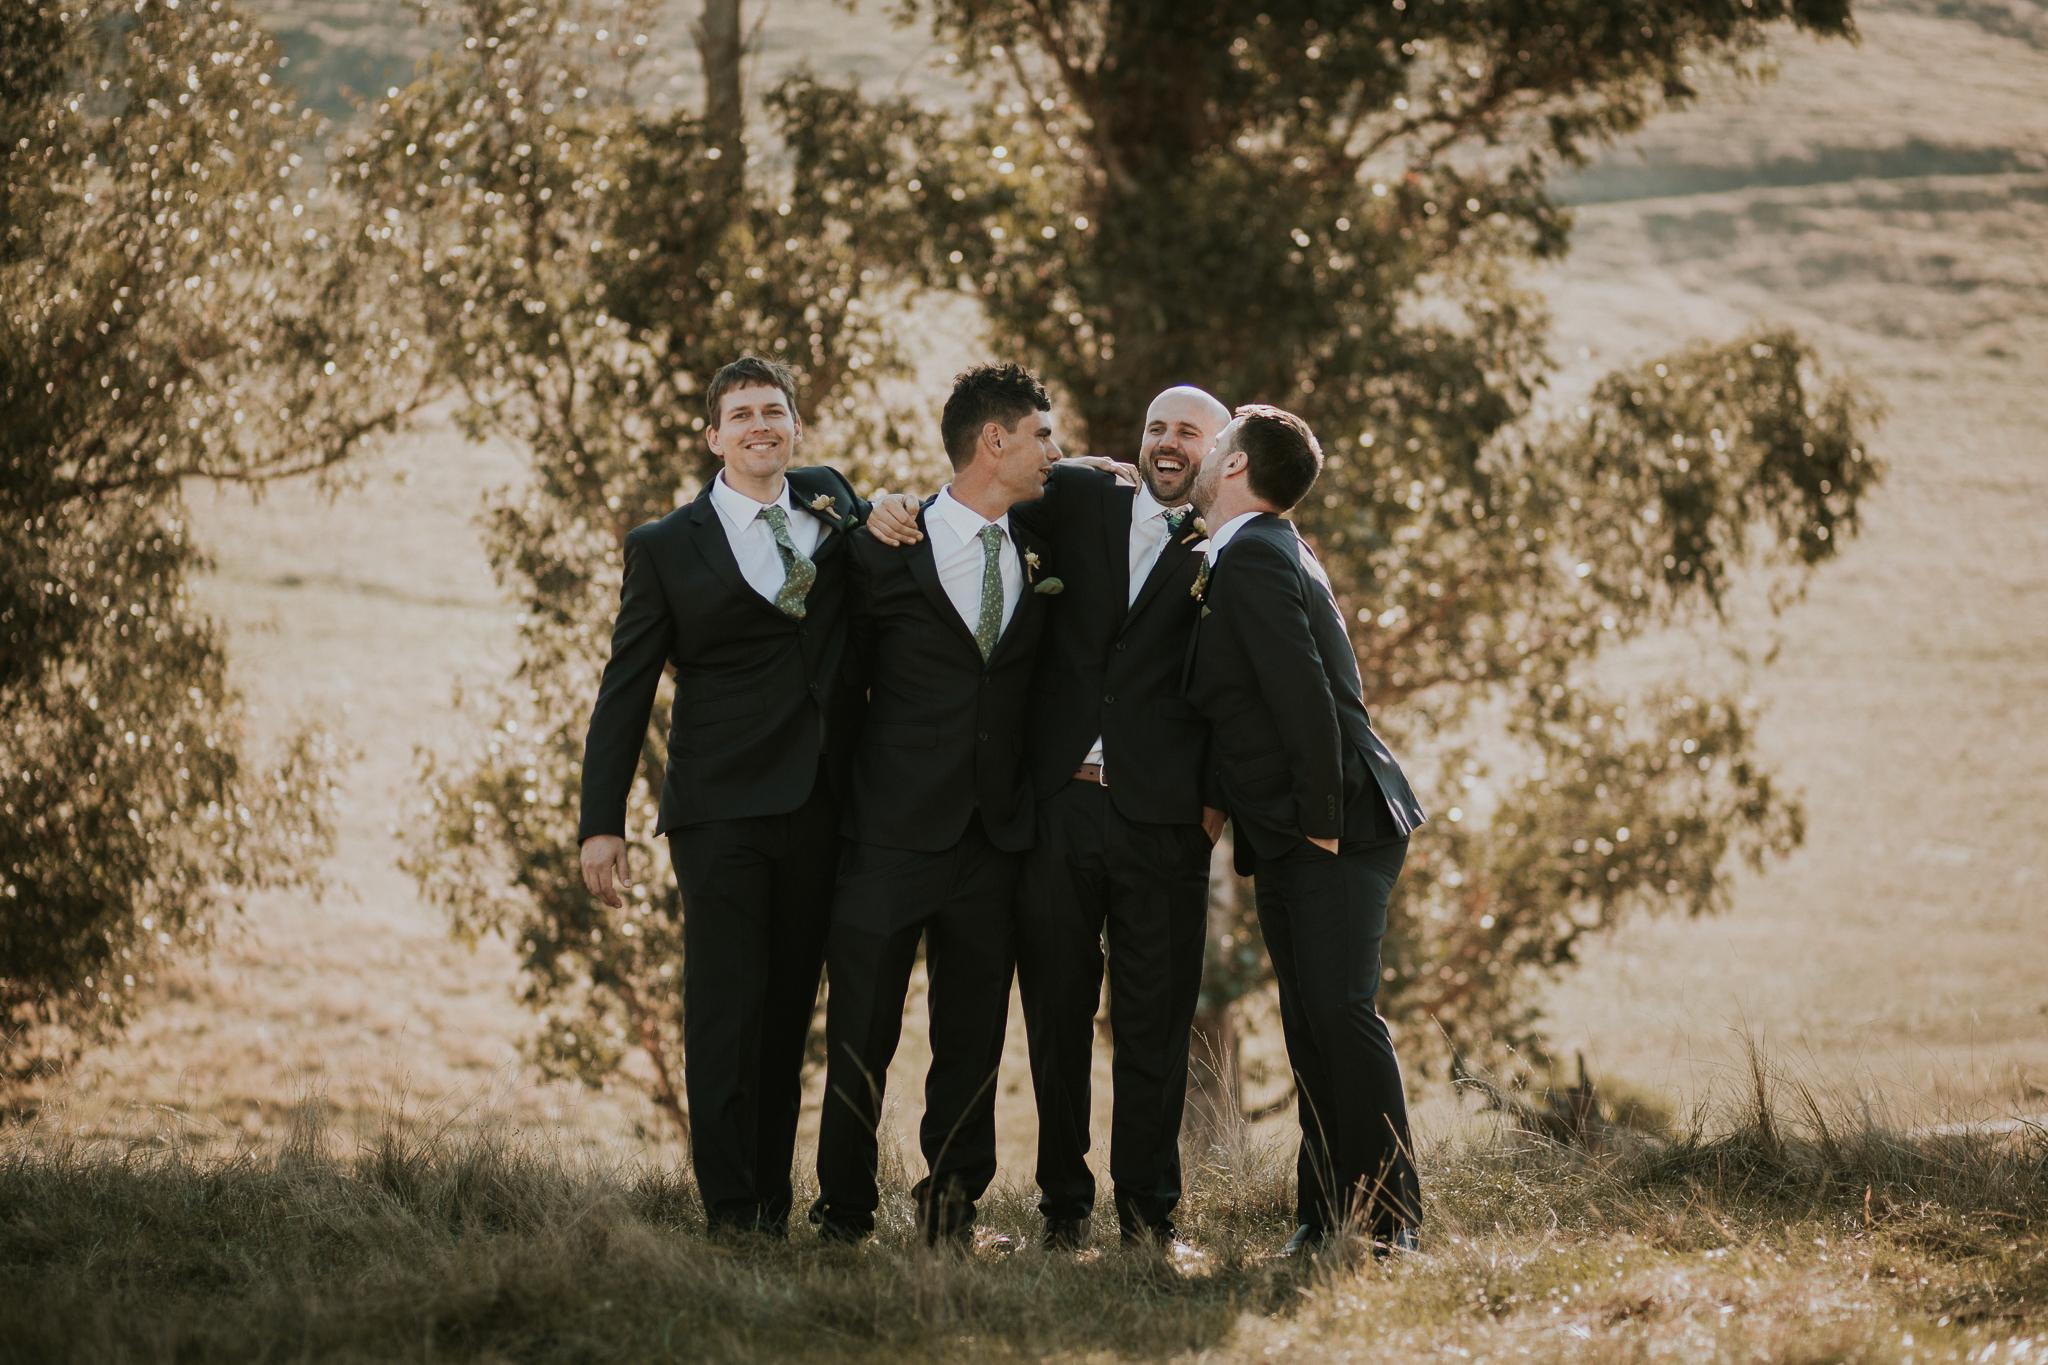 wedding photographer hawkes bay , Lisa Fisher Photography, Selini Winery Wedding -156.jpg